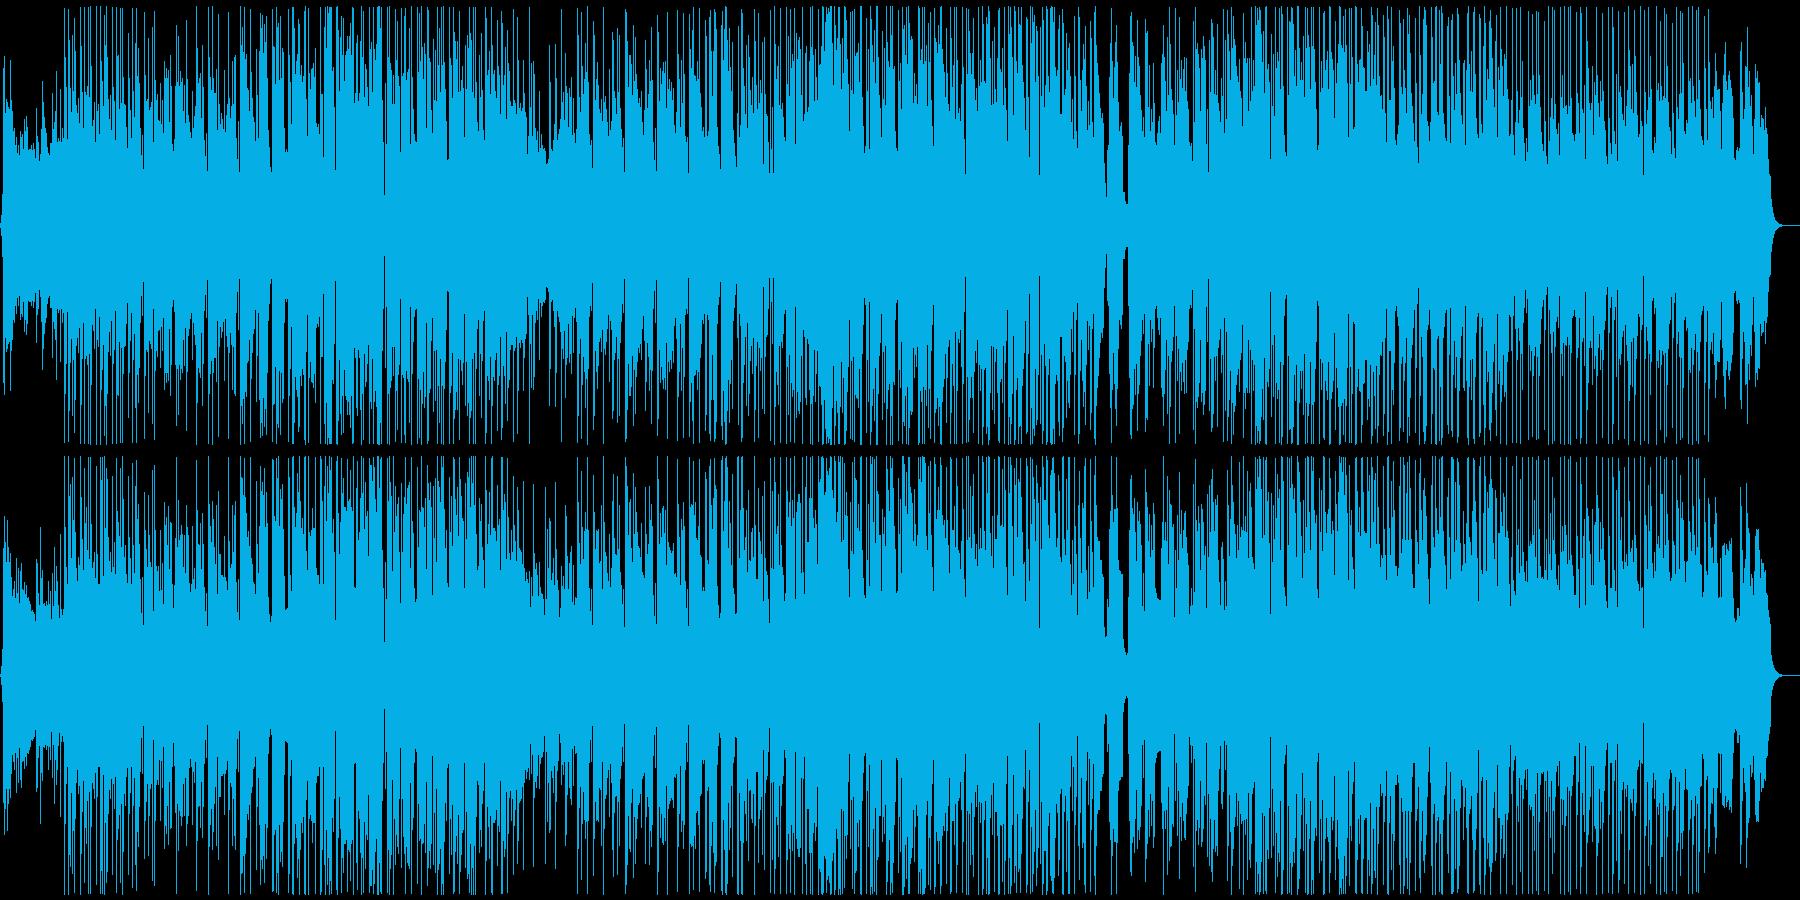 YOUTUBEでも流行った爽やかソングの再生済みの波形